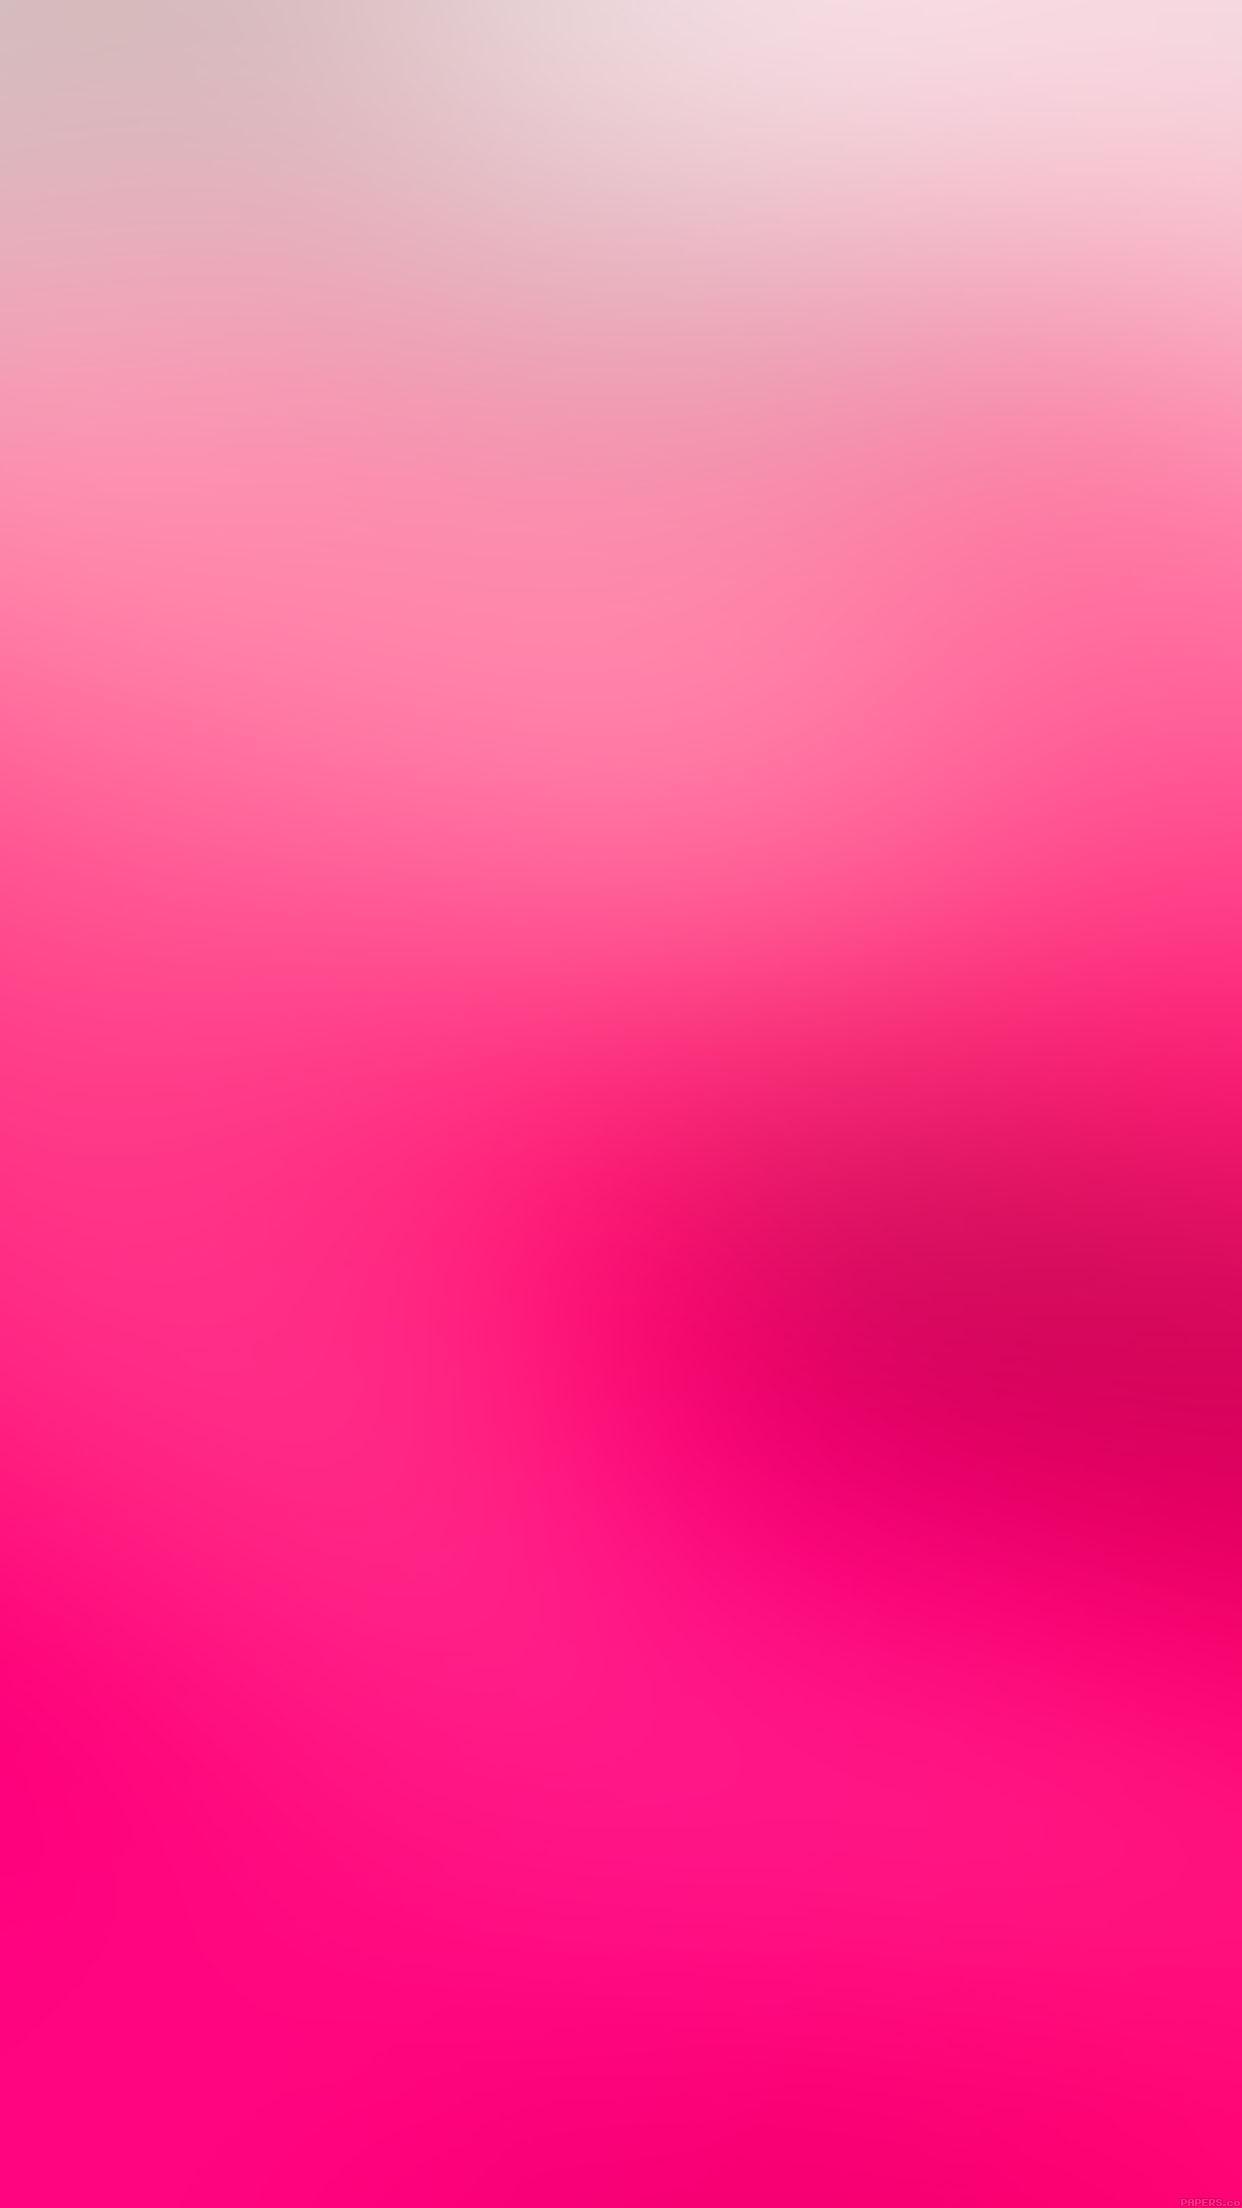 Pink Nude Photos 5